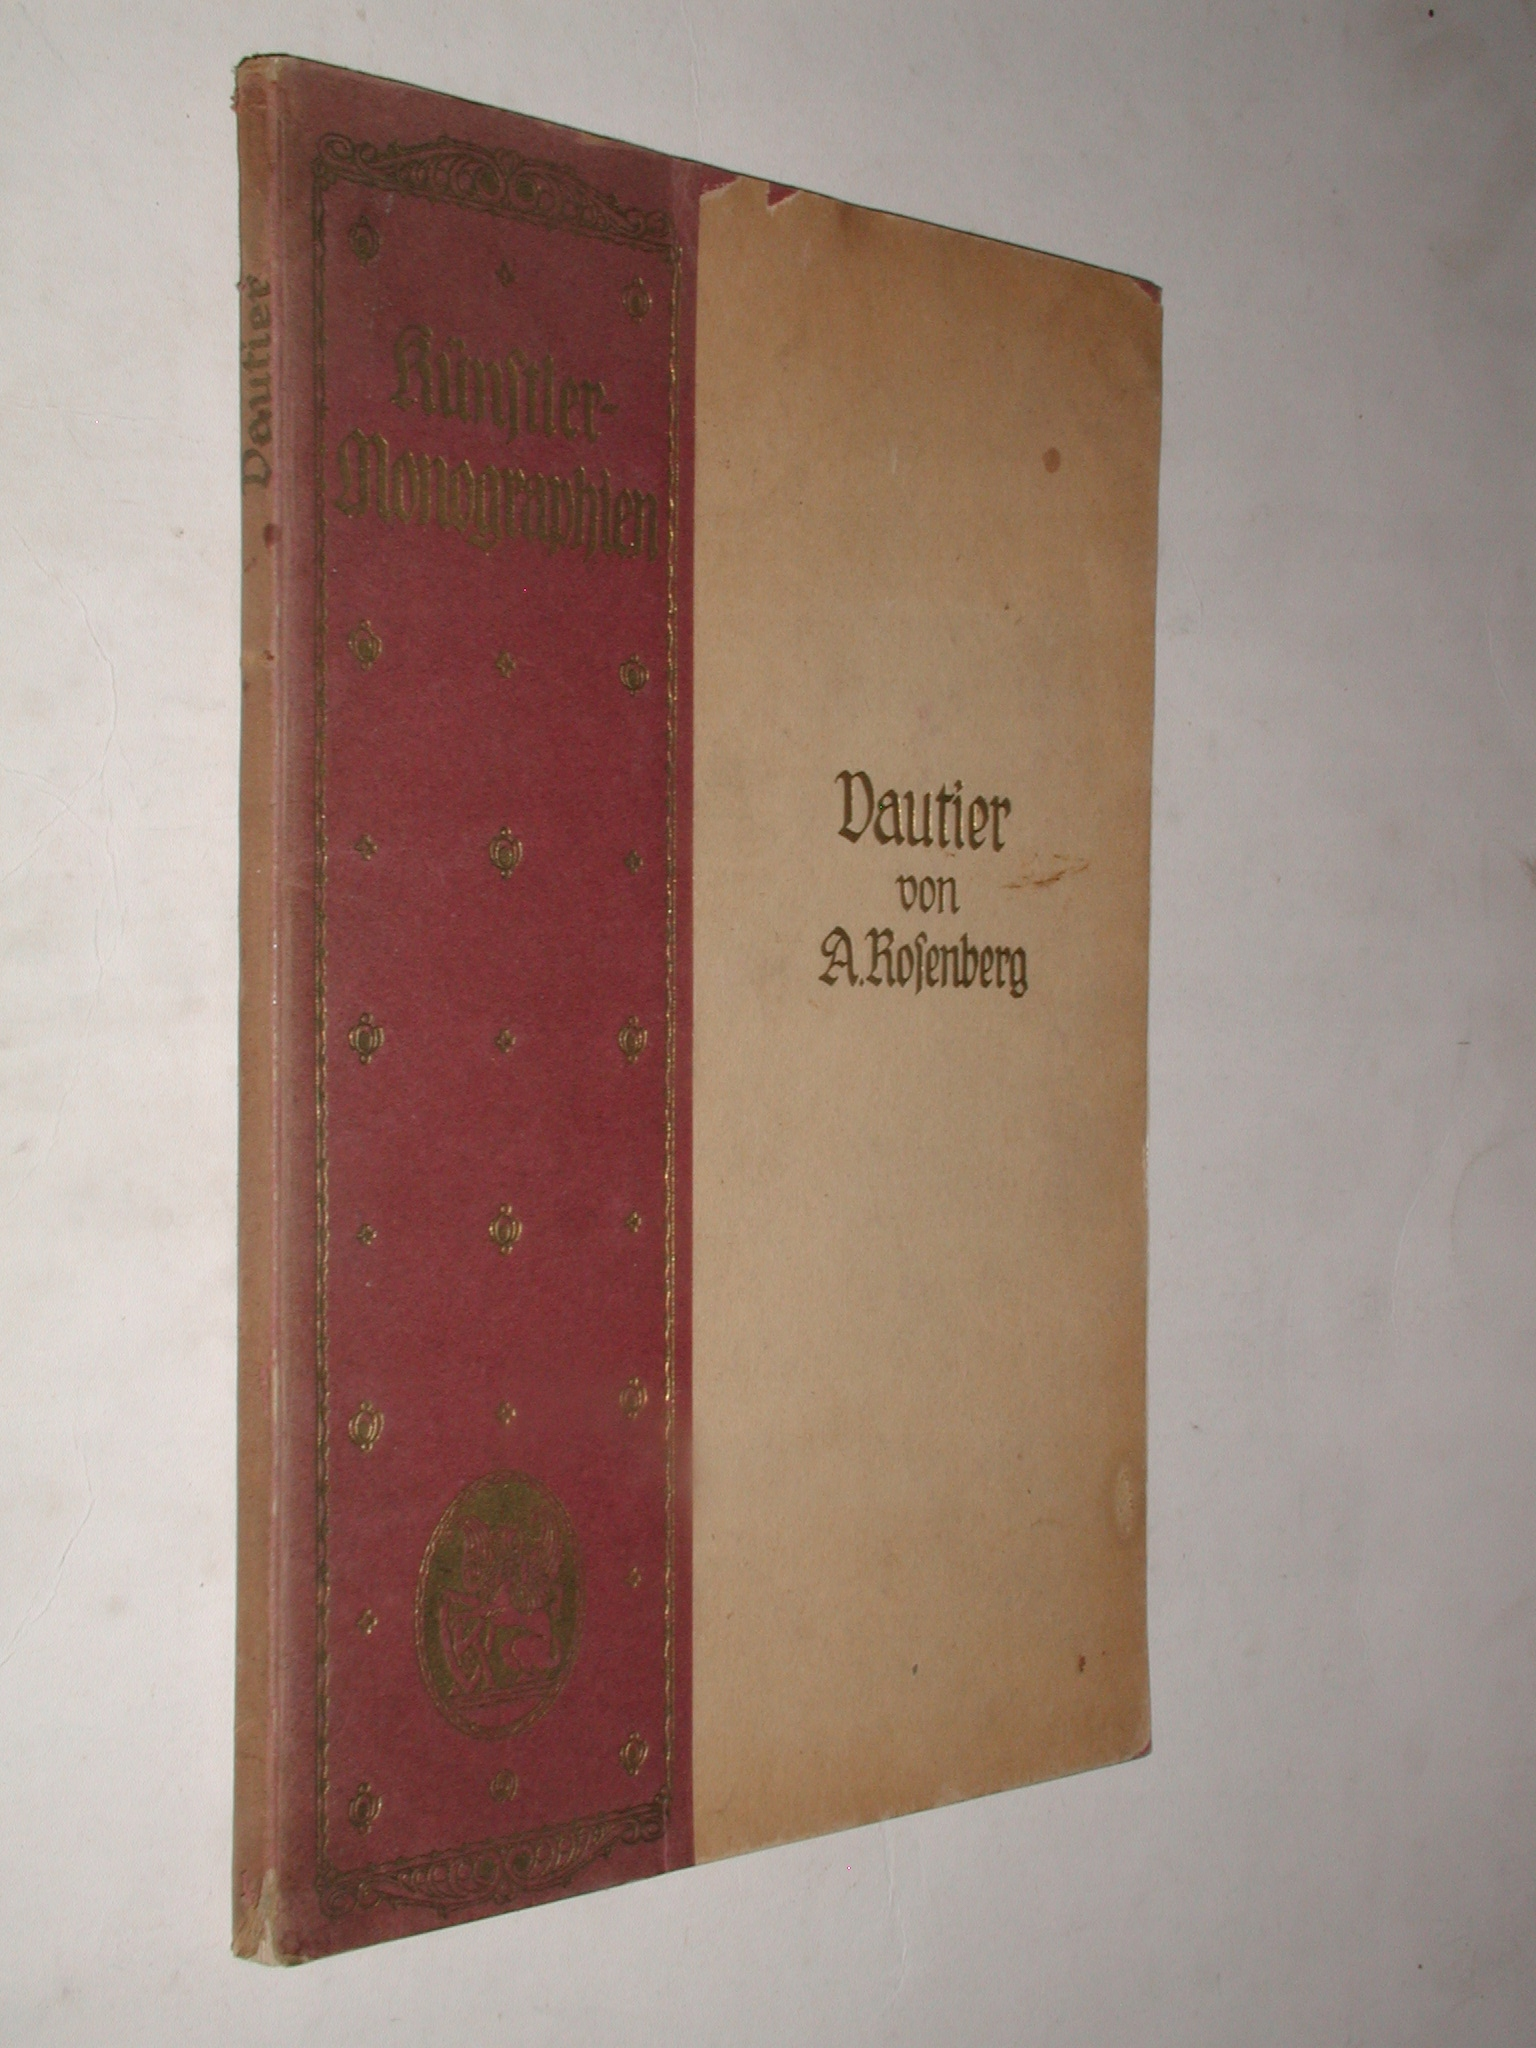 DAUTIER - Rosenberg (1897) KUNSTLER MONOGRAPHIEN